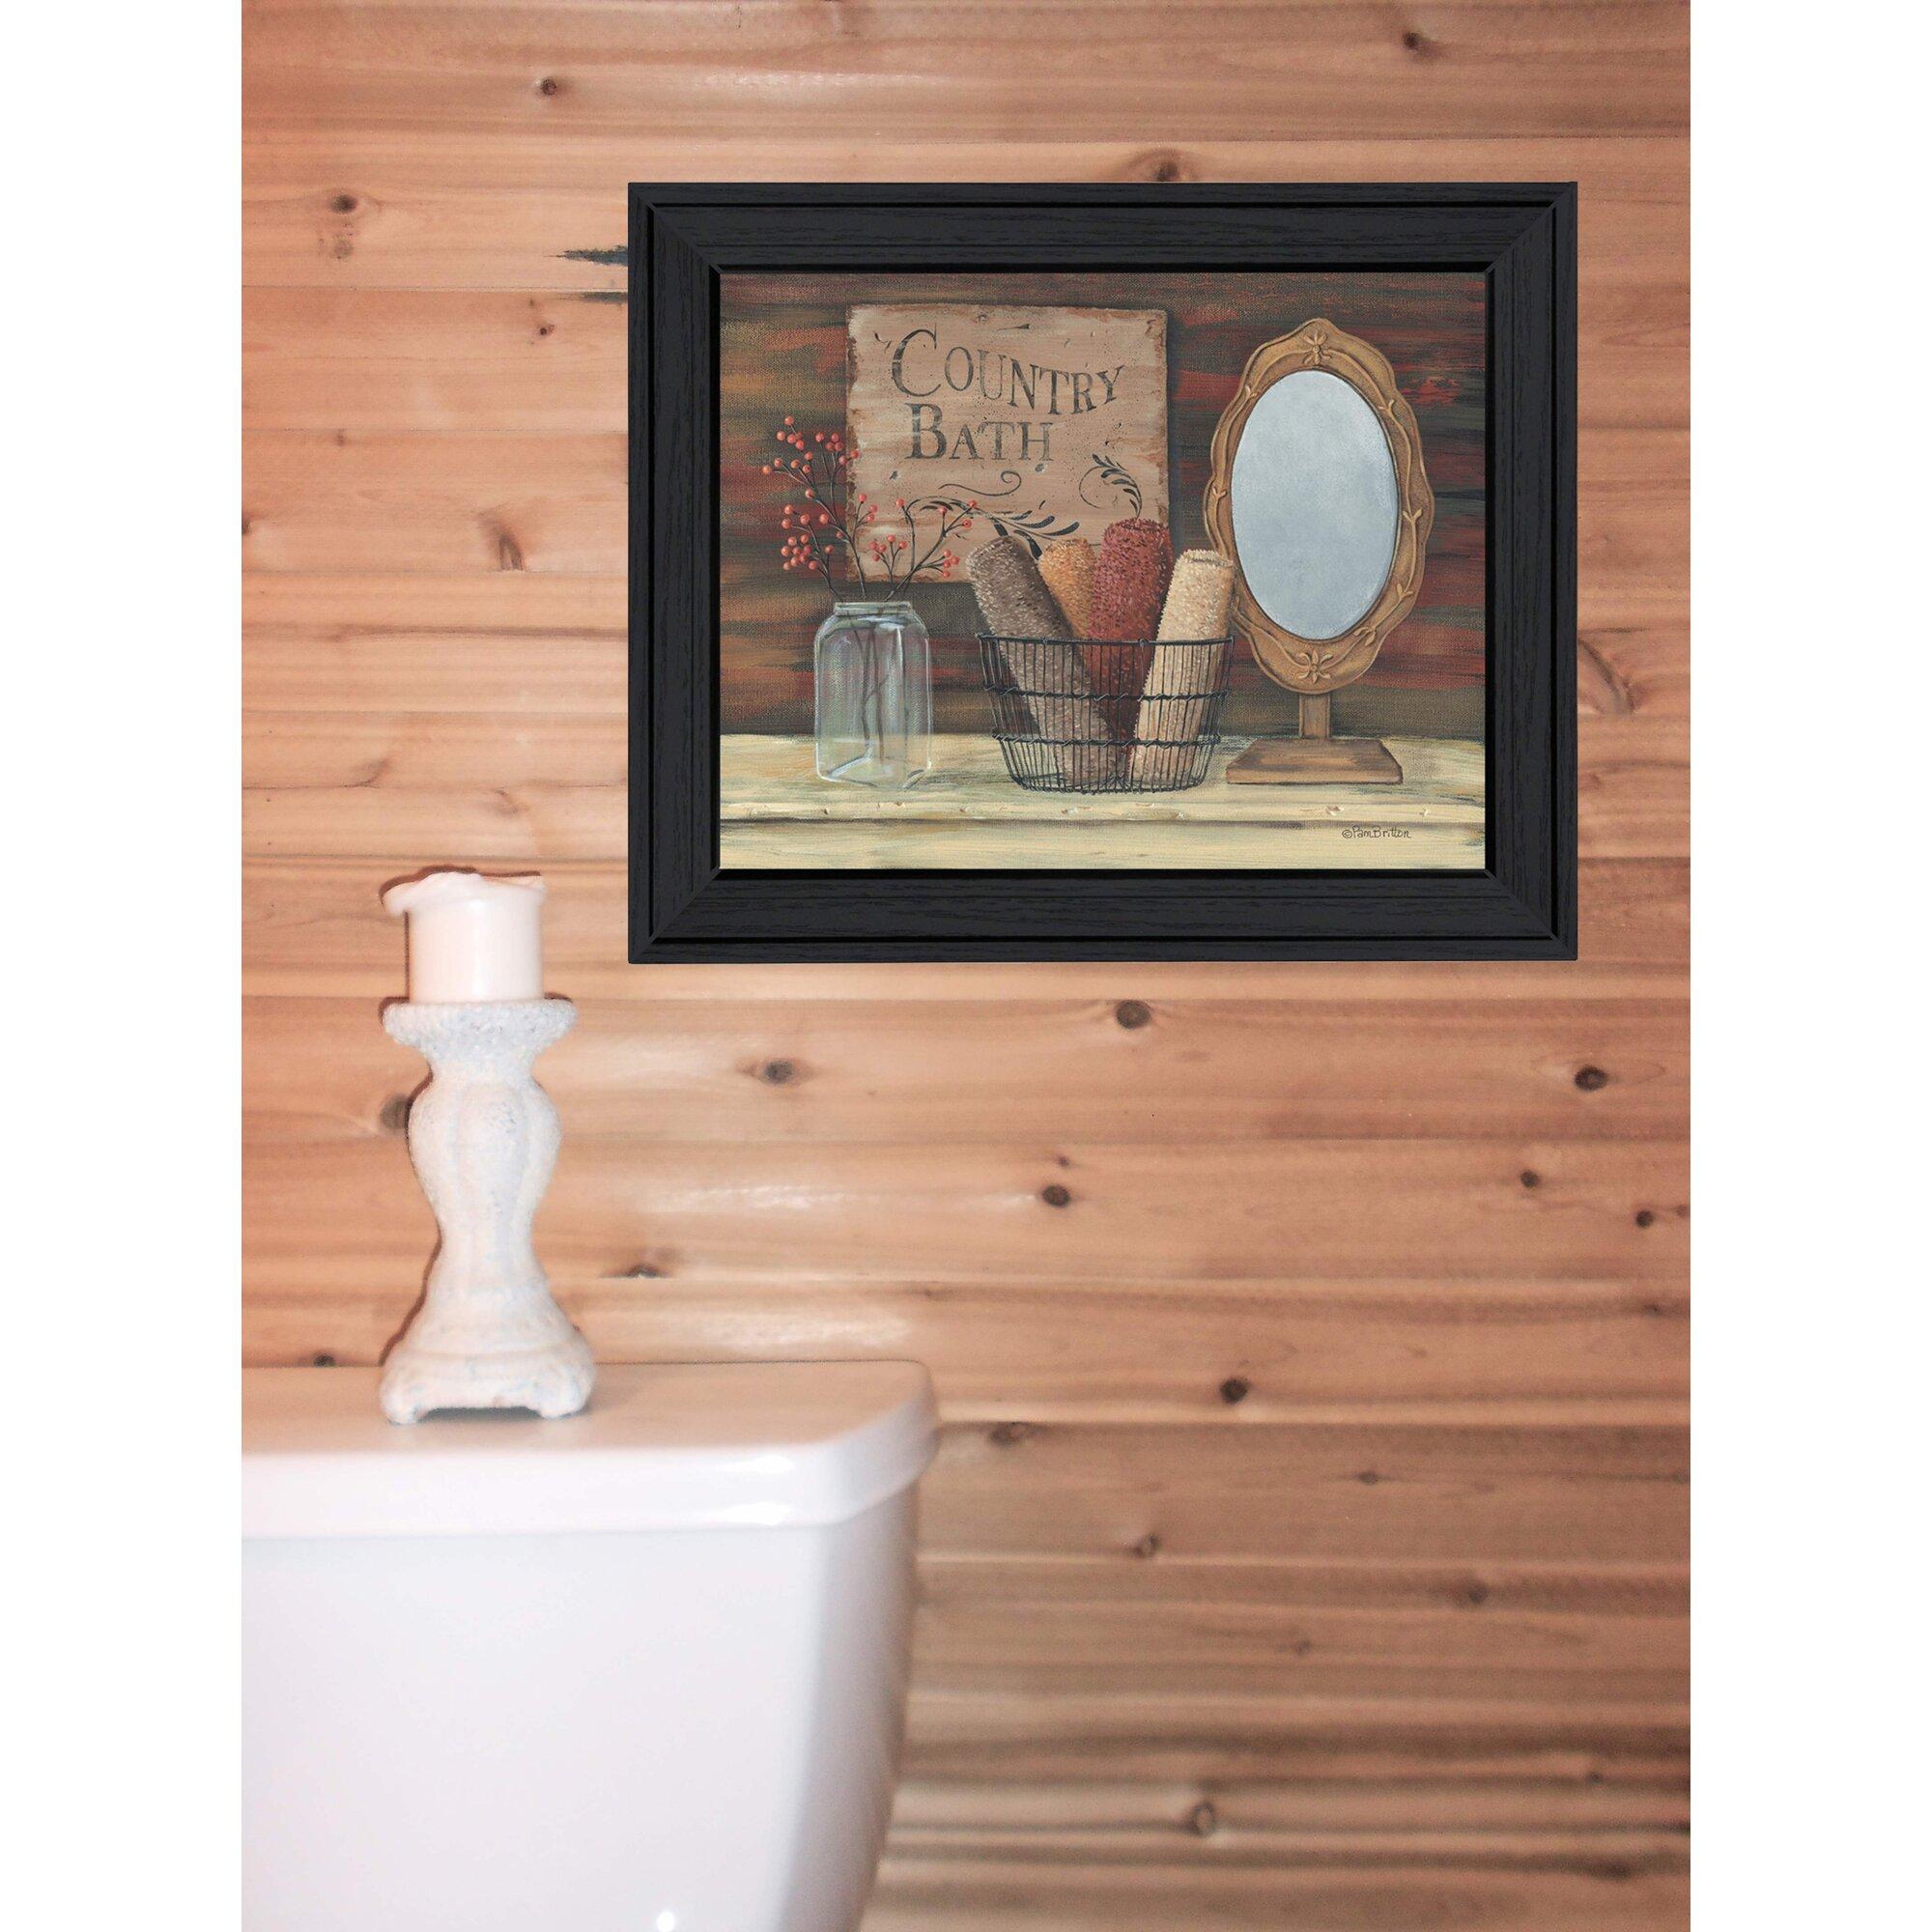 Trendy decor 4u country bath by pam britton framed for Trendy bathroom decor